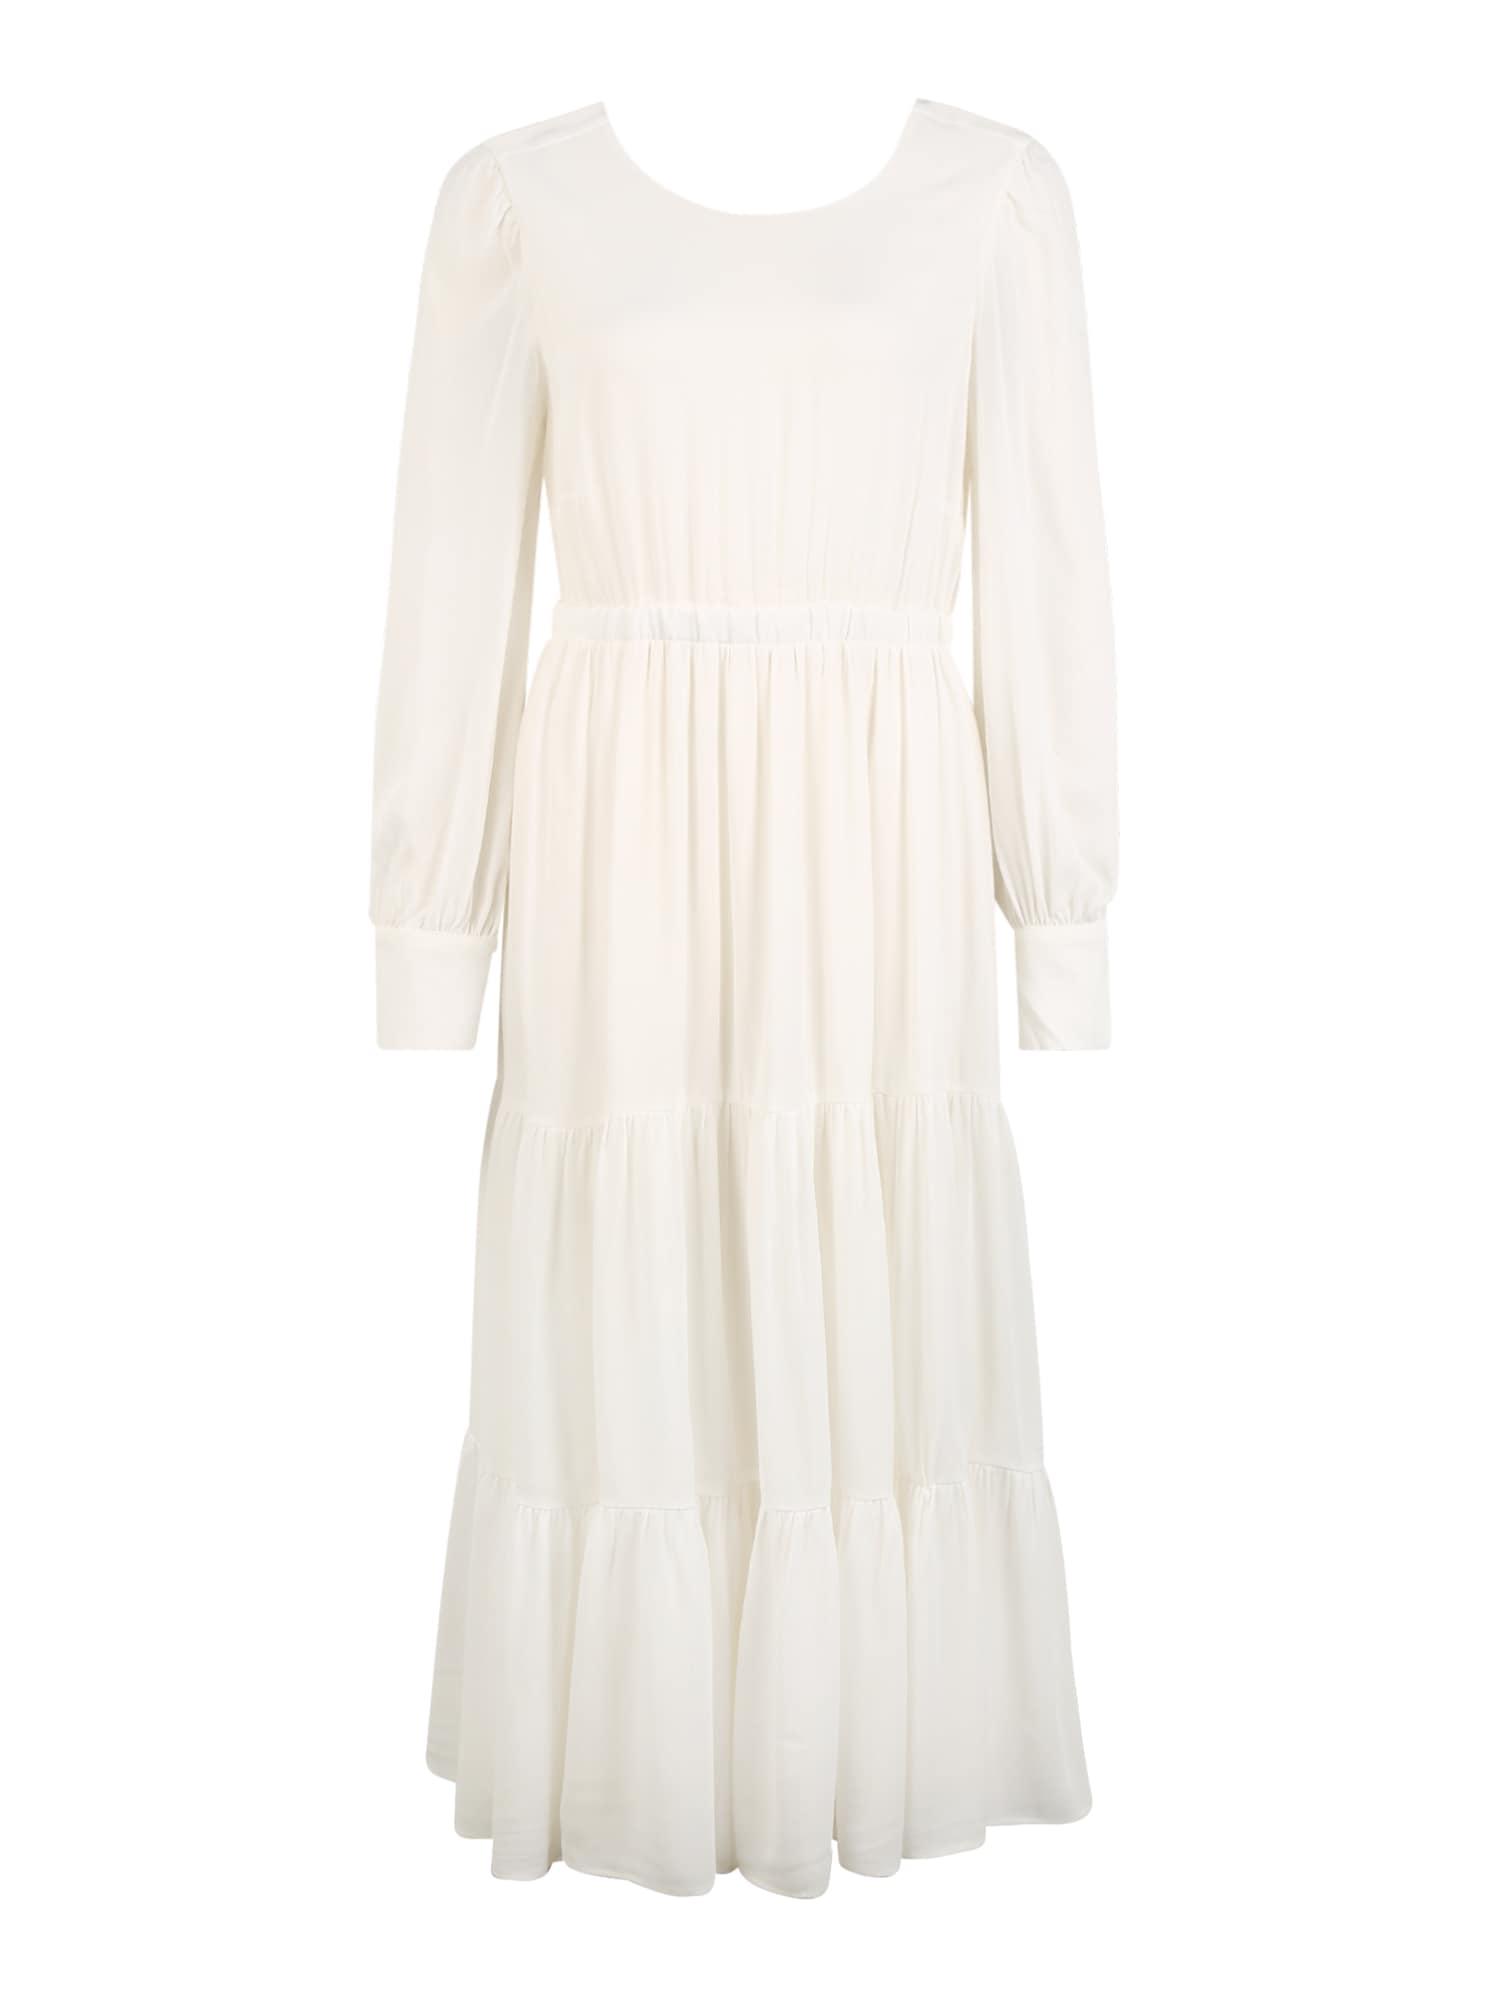 IVY & OAK MATERNITY Suknelė balta